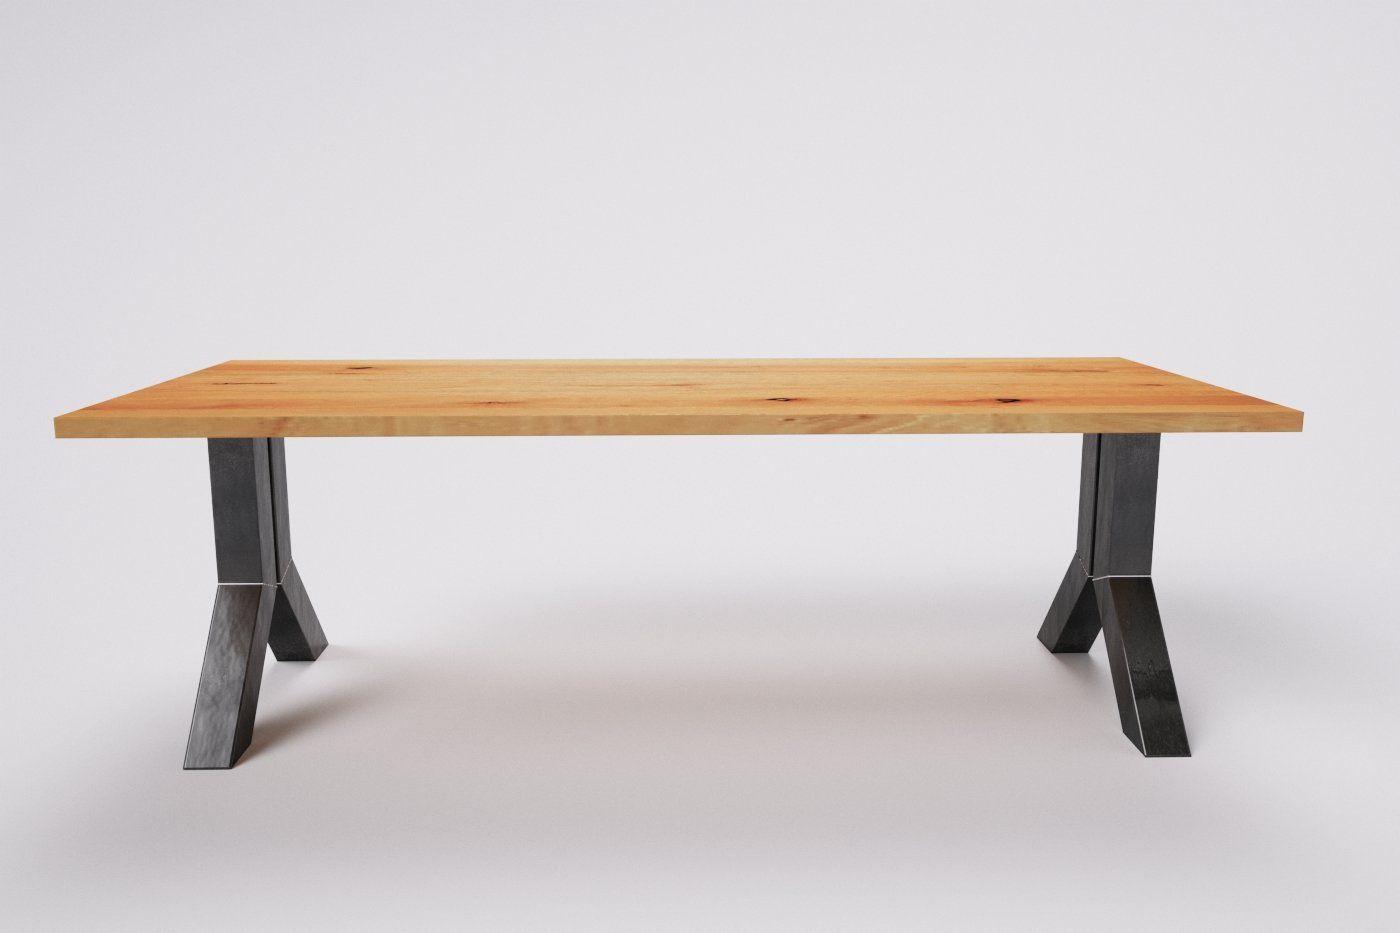 Holztisch Massiv Nach Mass Buche Wohnsektion Holztisch Holztisch Massiv Tisch